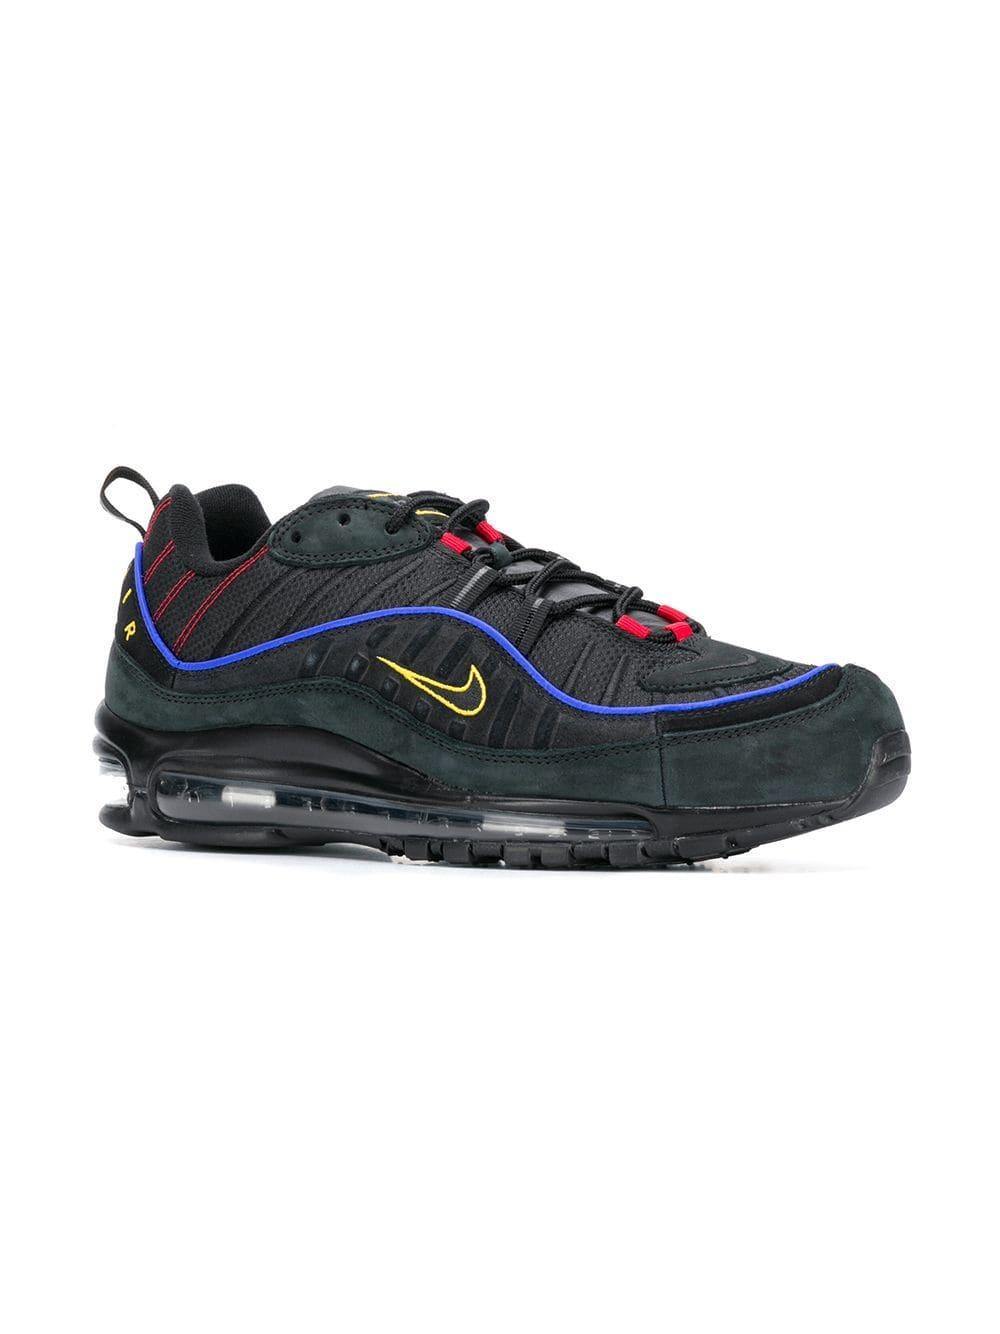 431ad142fa3be7 Nike - Black Air Max 98 Sneakers for Men - Lyst. View fullscreen